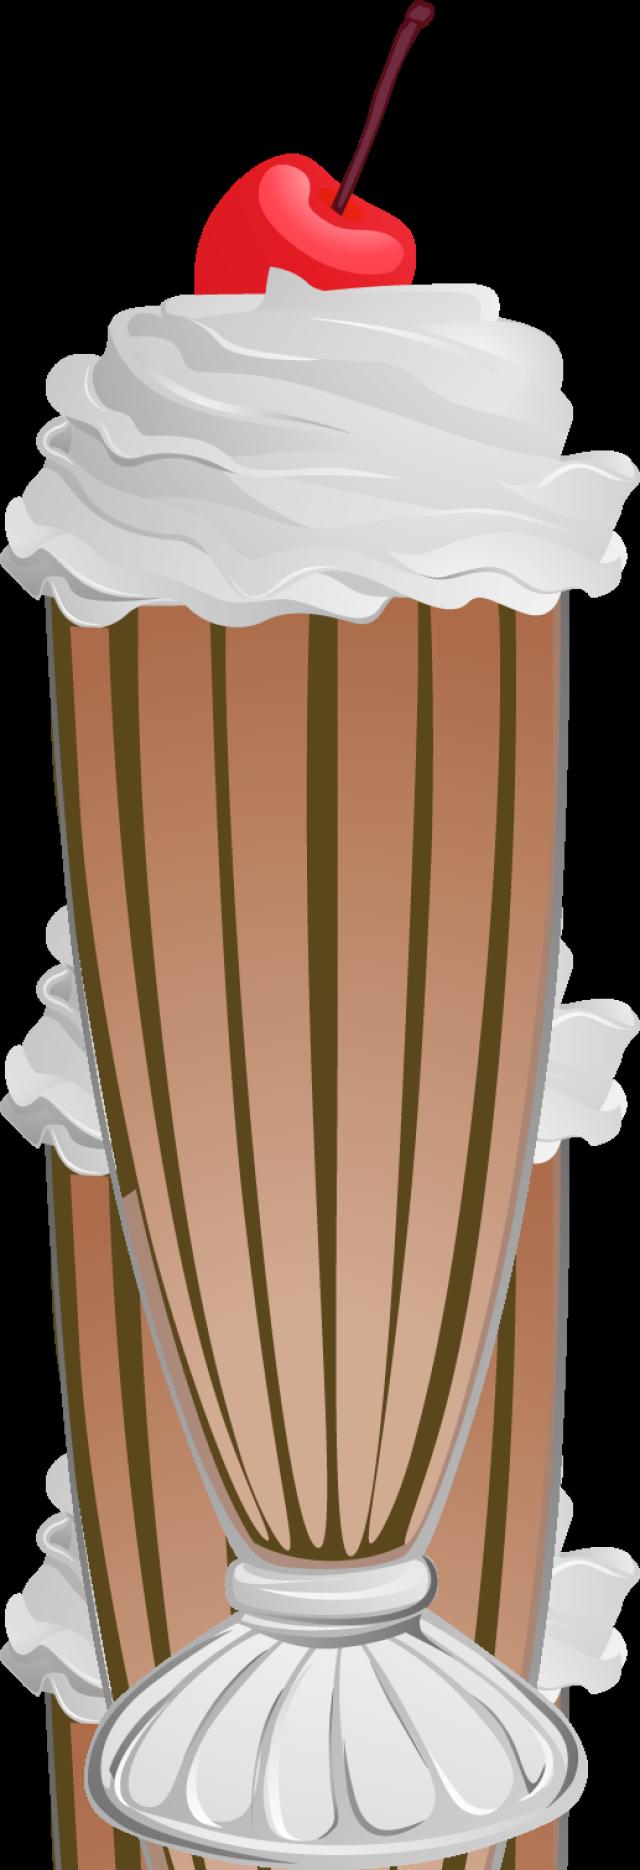 Milkshake clip art.